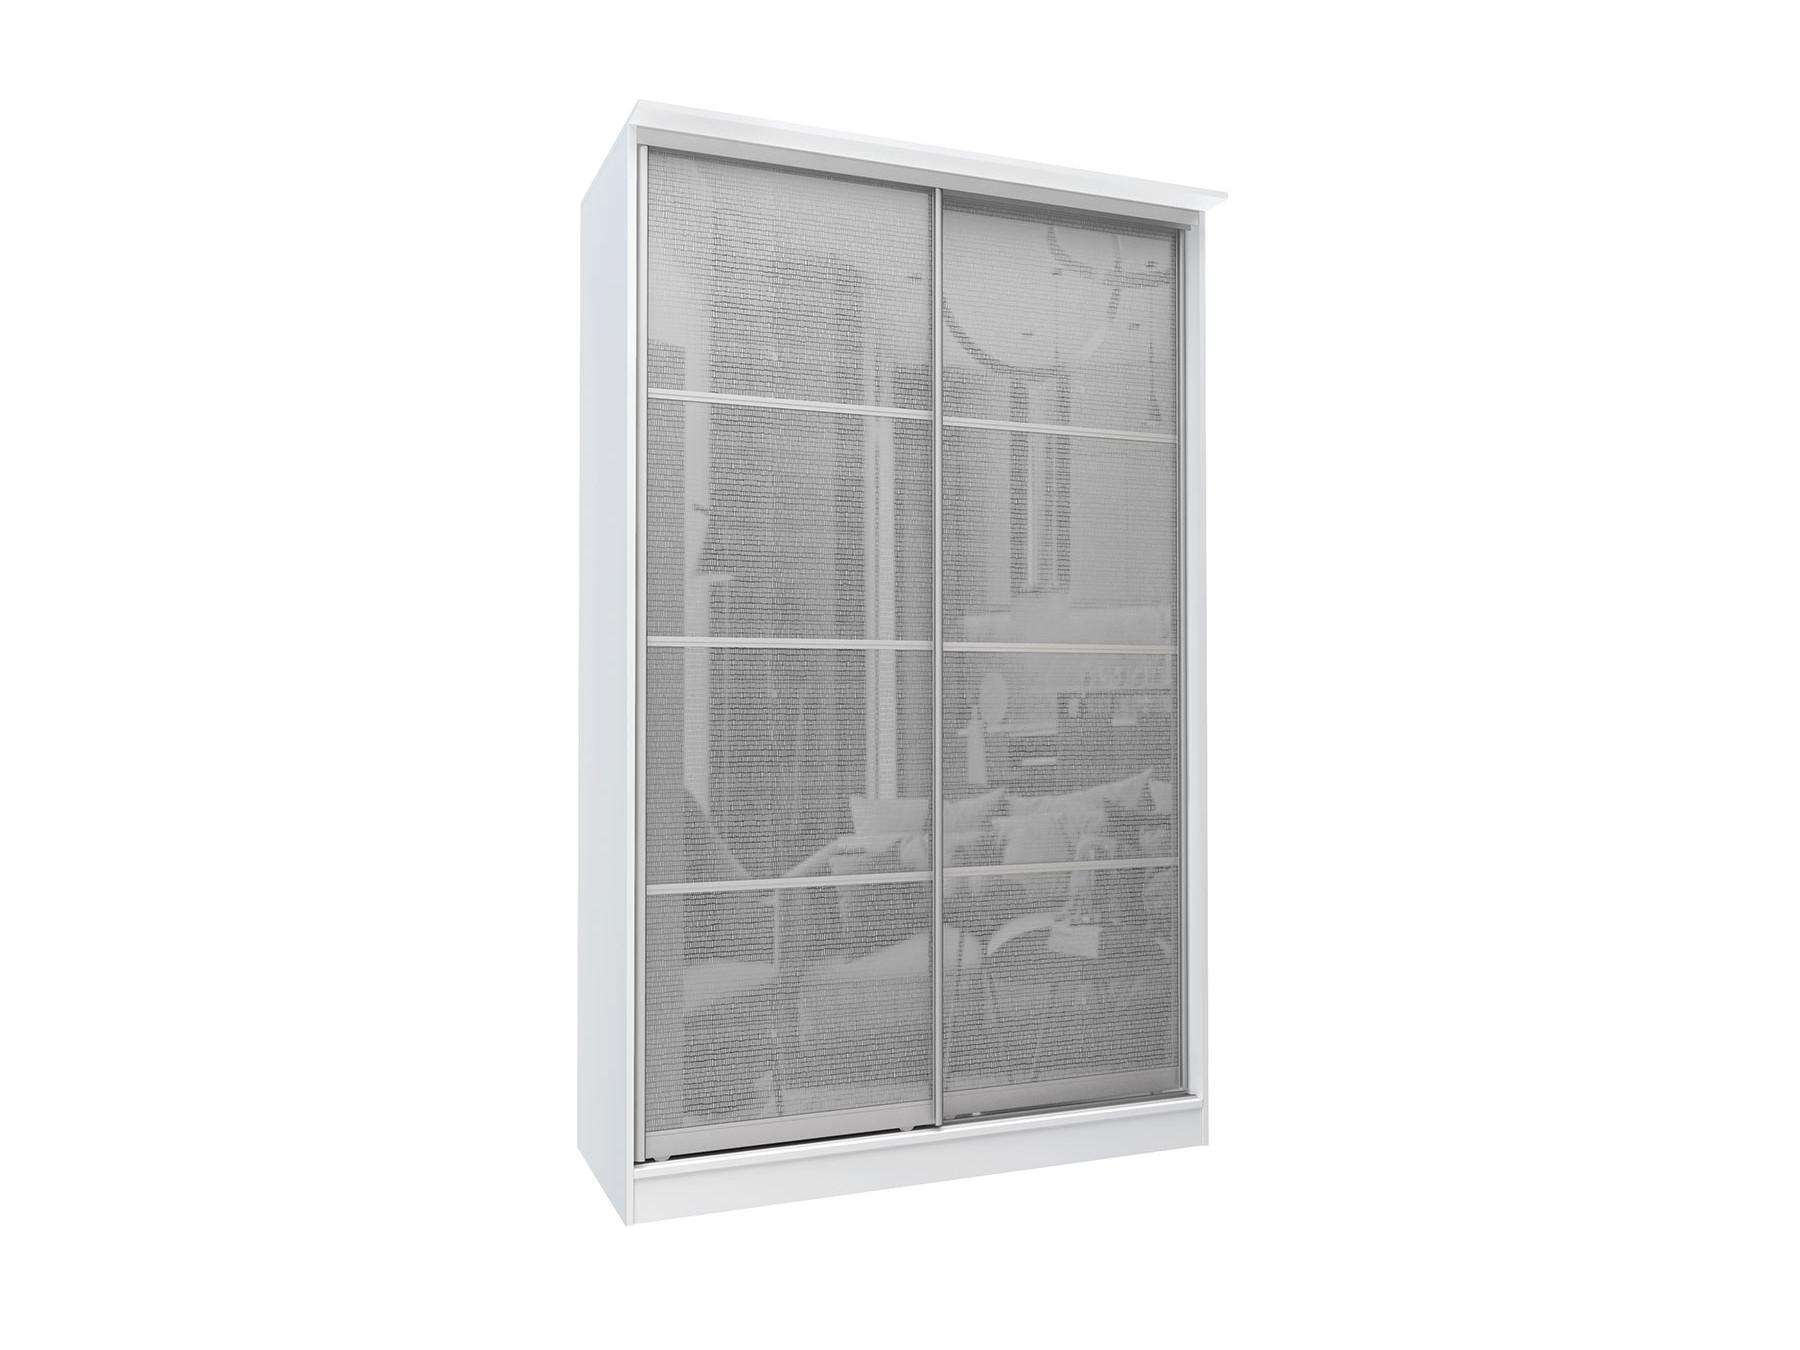 Шкаф-купе 2-х дверный с зеркалами Байкал Белый, Зеркало, ЛДСП Белый